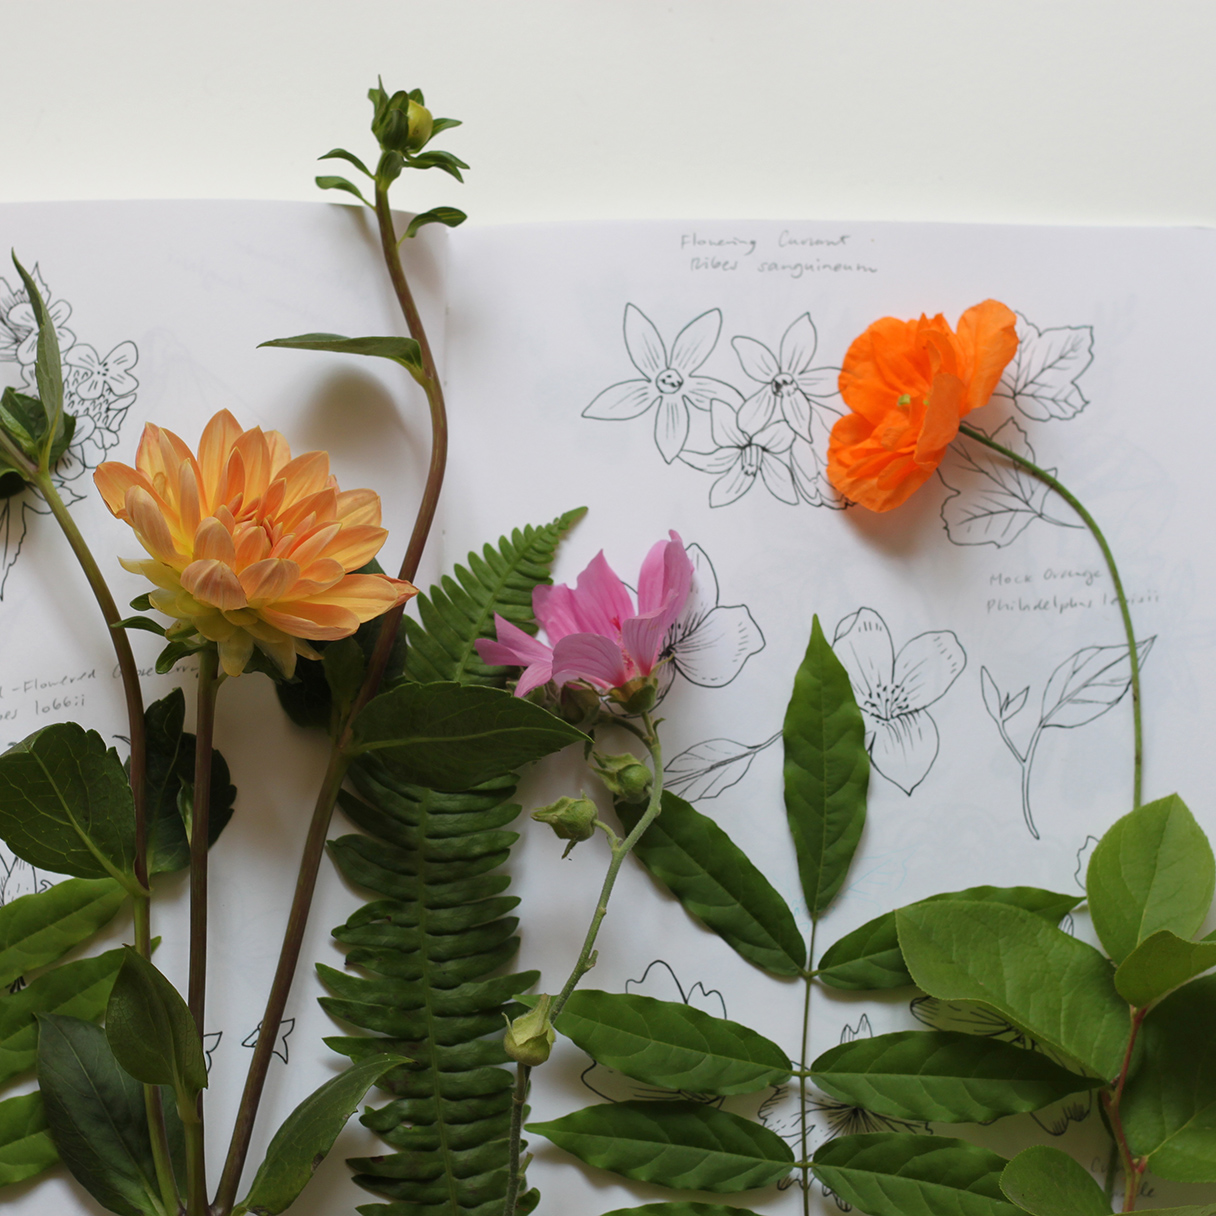 Botanical sketching